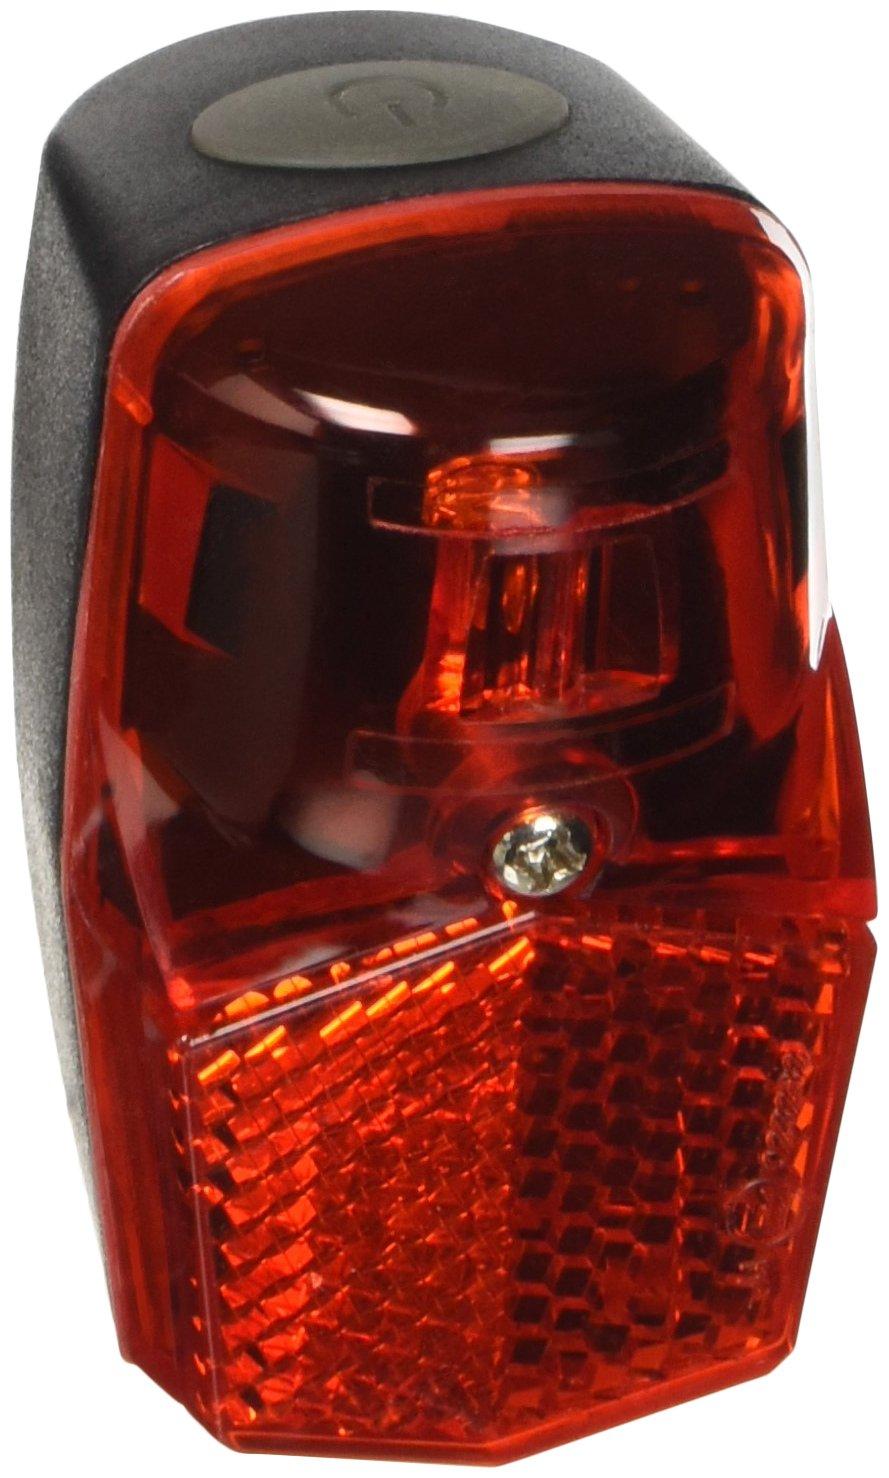 Lampa 93595, approved, 1 Mudguard Super LED Rear Light, Multi-Colour 1Mudguard Super LED Rear Light